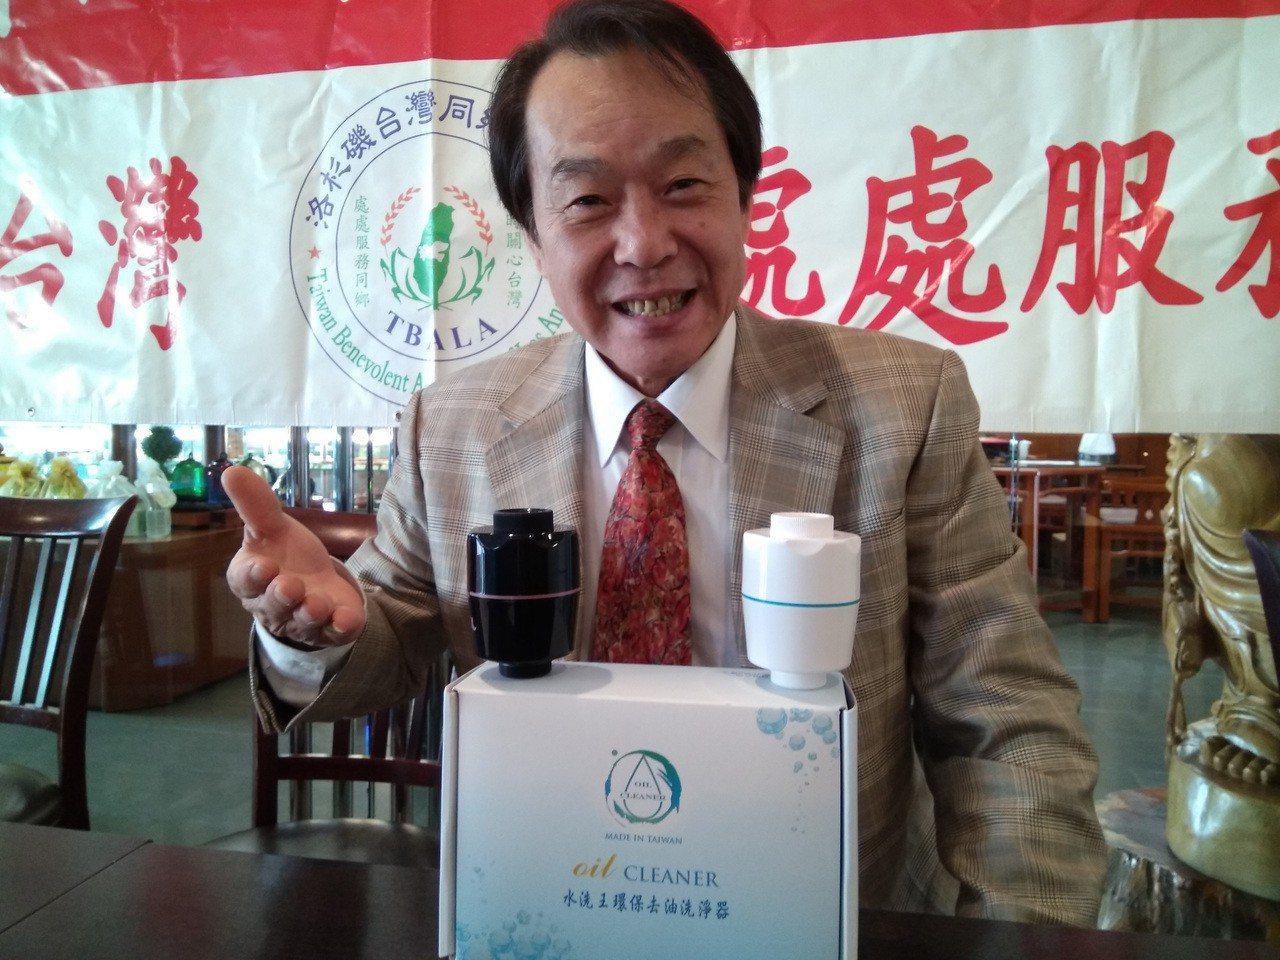 資深藝人張魁在中國大陸開農場雖虧損,卻開啟他發明水質轉換器的契機,這項發明讓他獲...